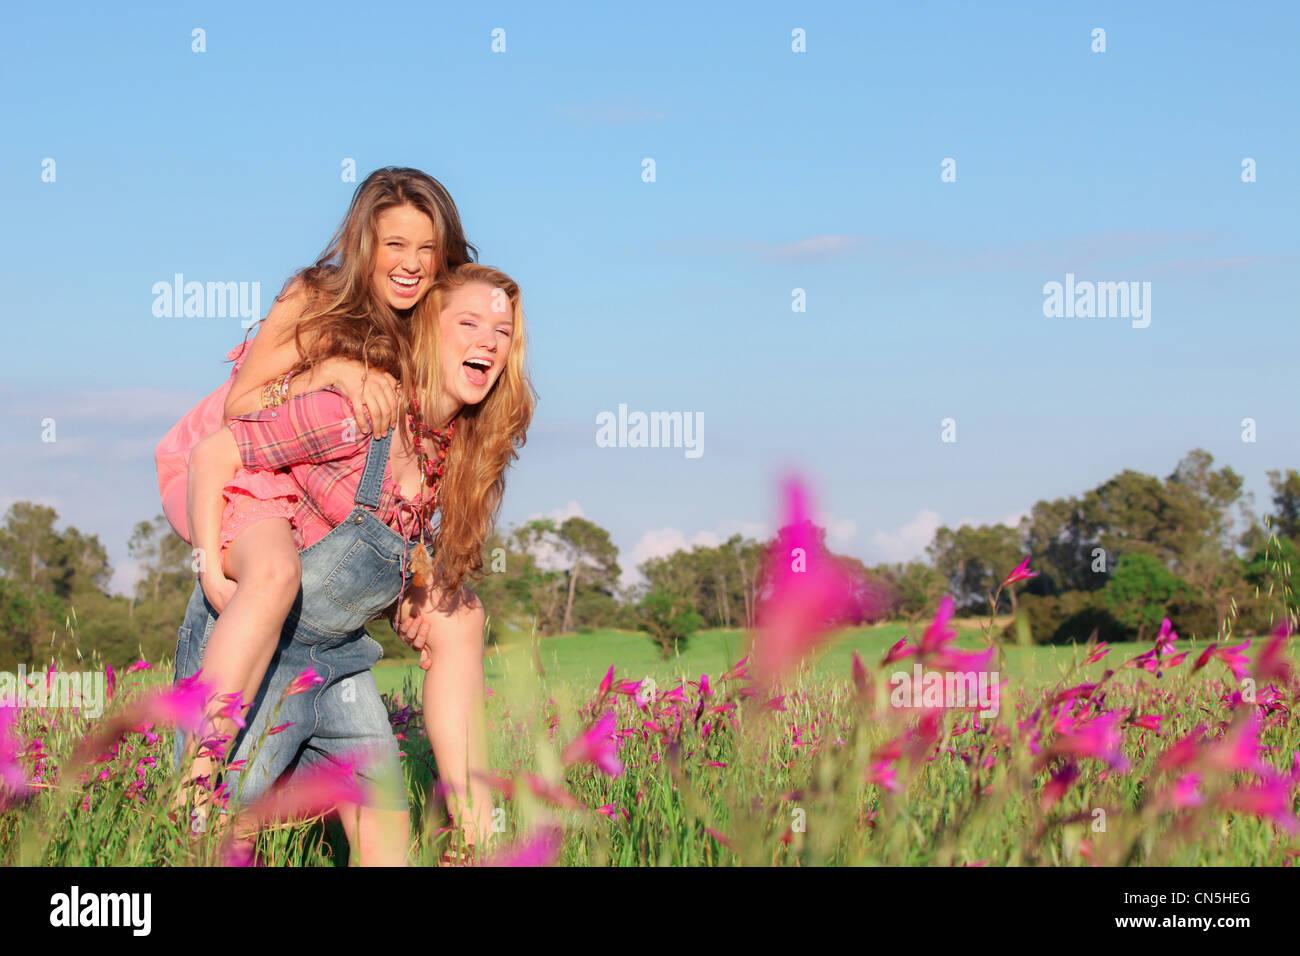 Sorridenti primavera o estate piggy back adolescenti o adolescente kids Immagini Stock